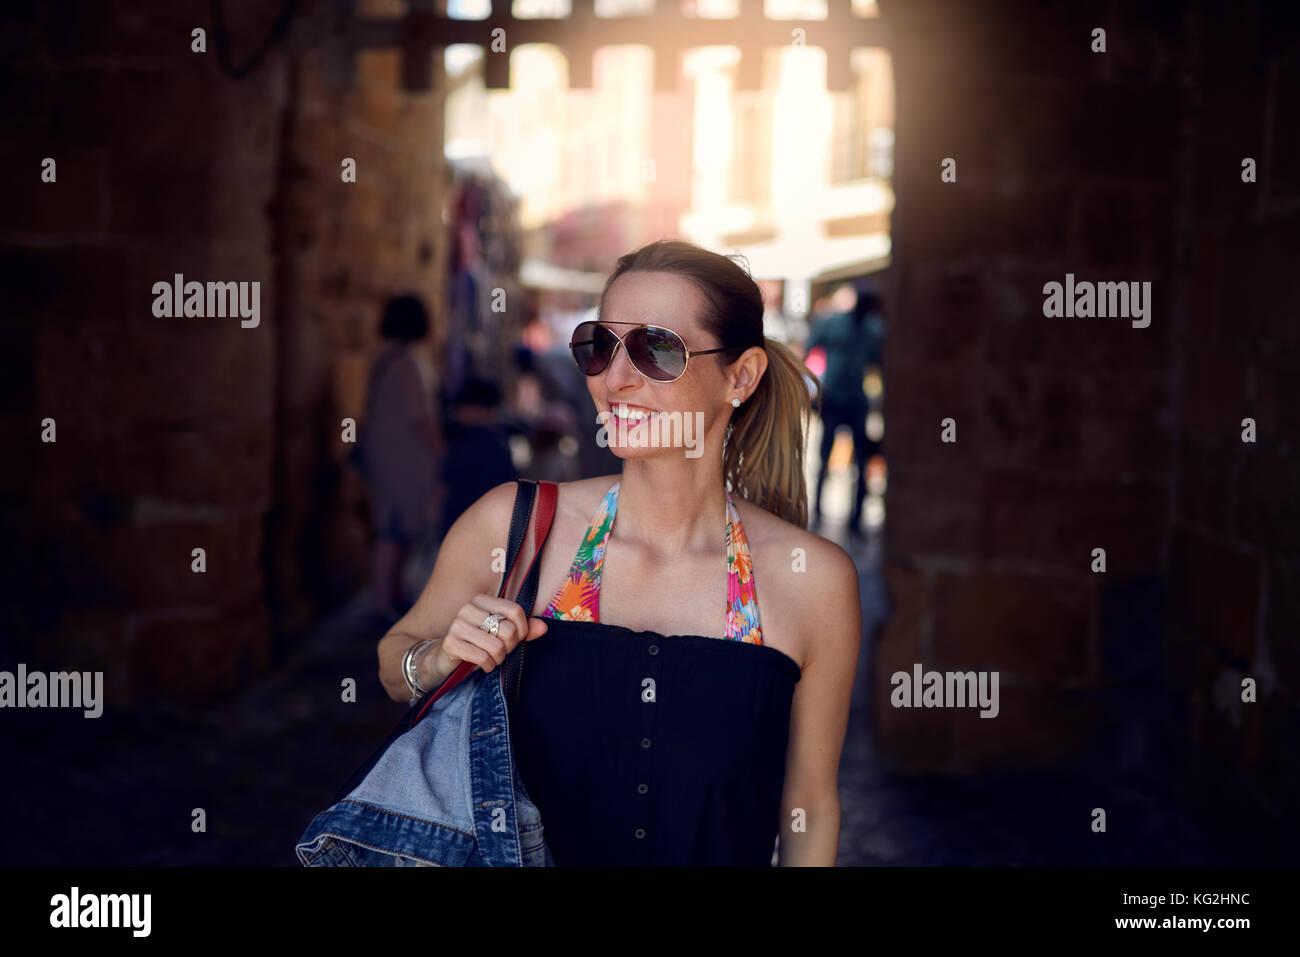 Moda atractiva mujer con gafas de sol y llevar un gran bolso sobre su hombro de compras en la ciudad mirando hacia Imagen De Stock